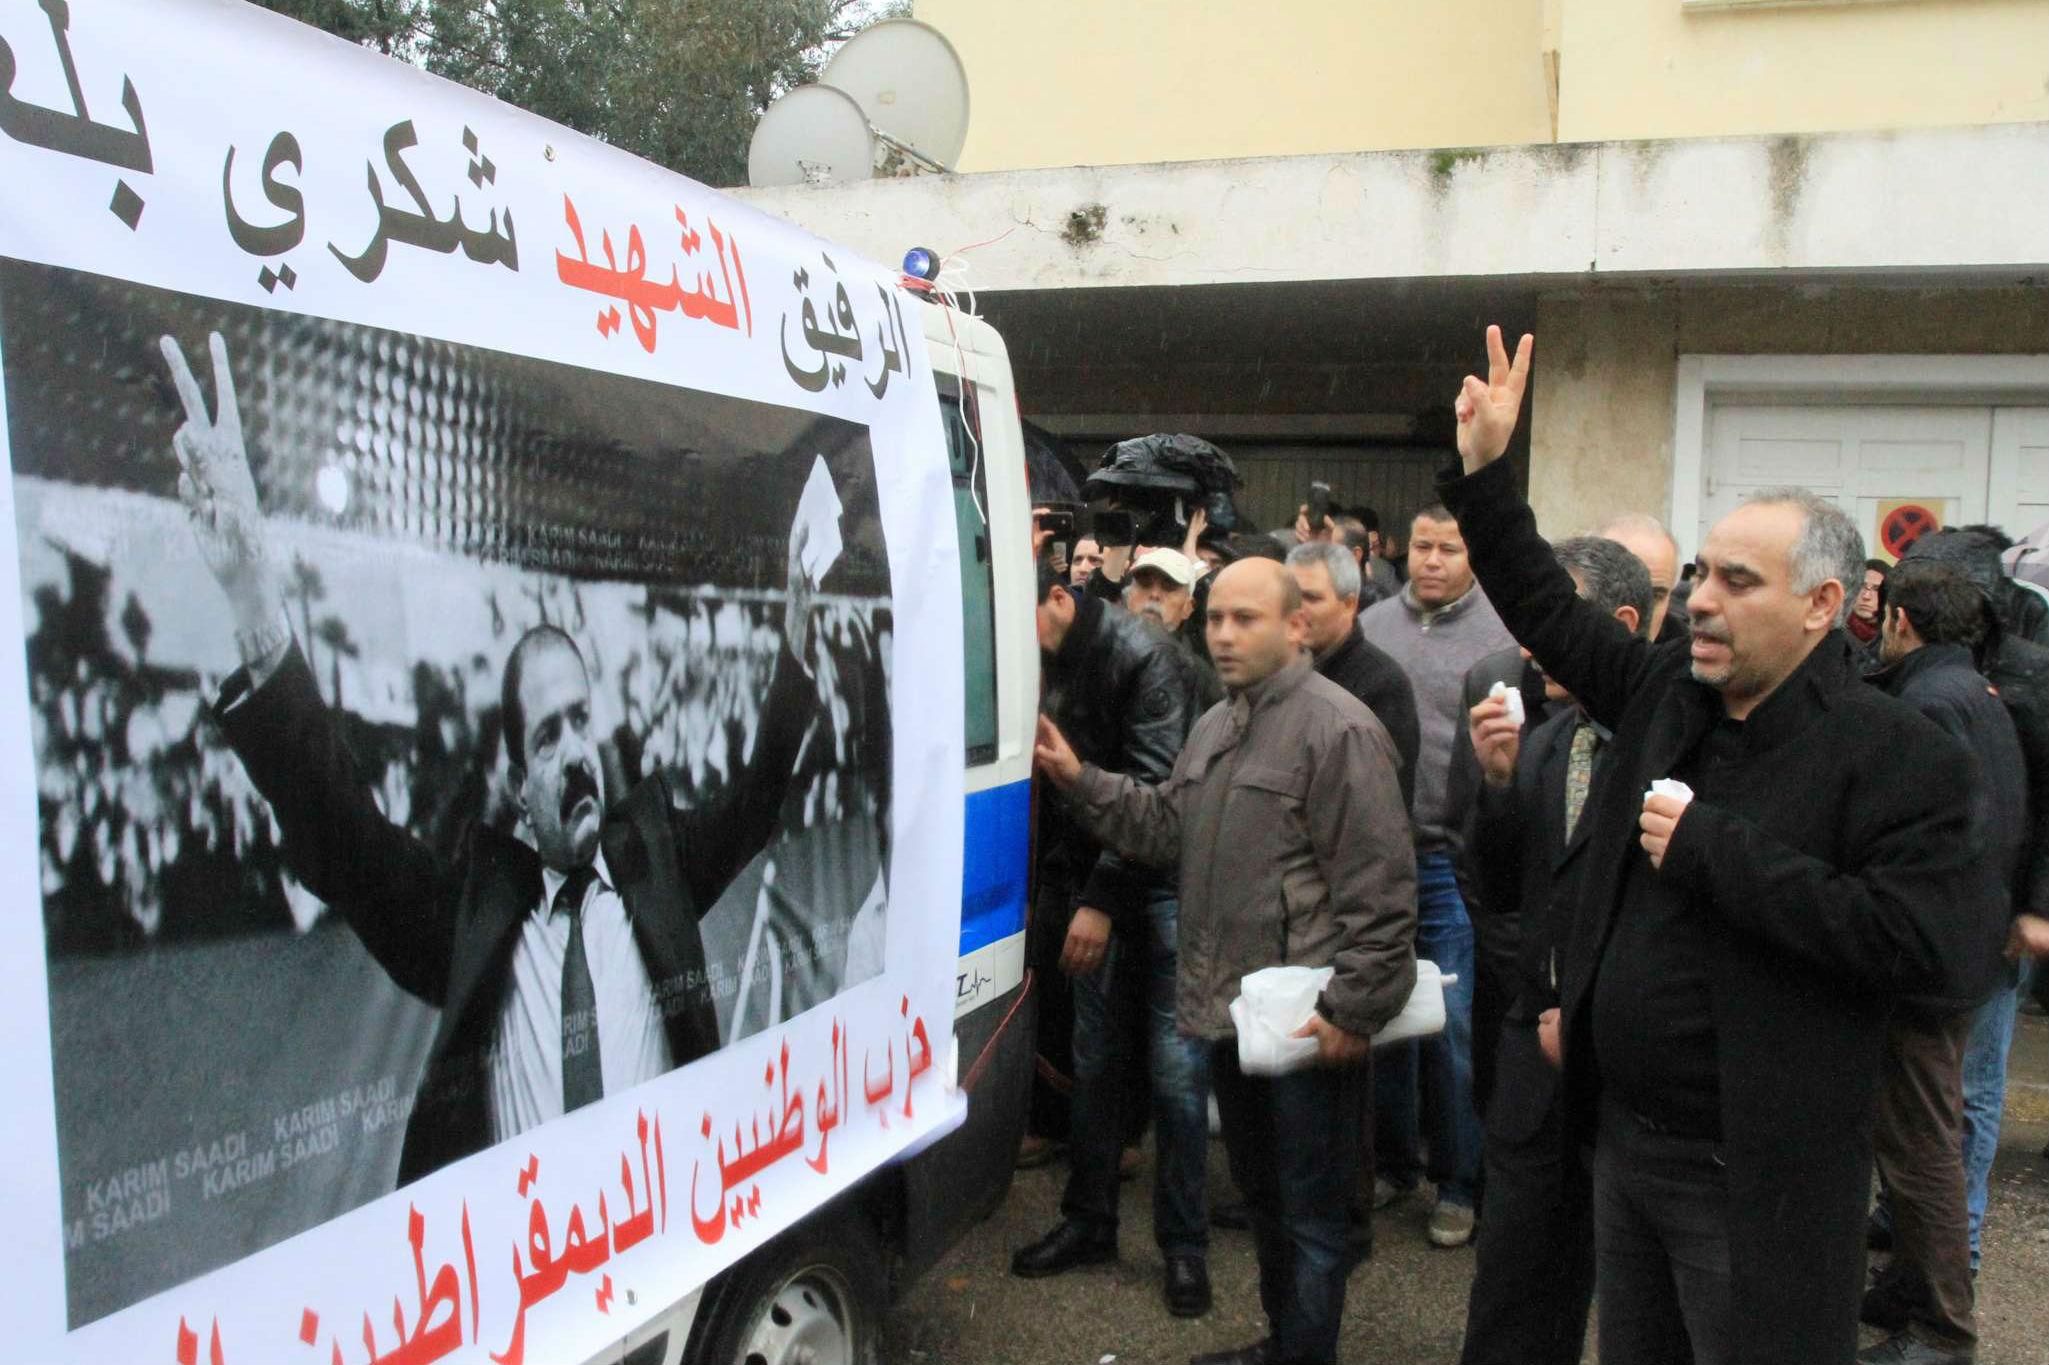 Le 7 février 2013, au lendemain de l'assassinat de Chokri Belaïd, des milliers de Tunisiens ont suivi l'ambulance amenant son corps jusqu'au domicile de son père.